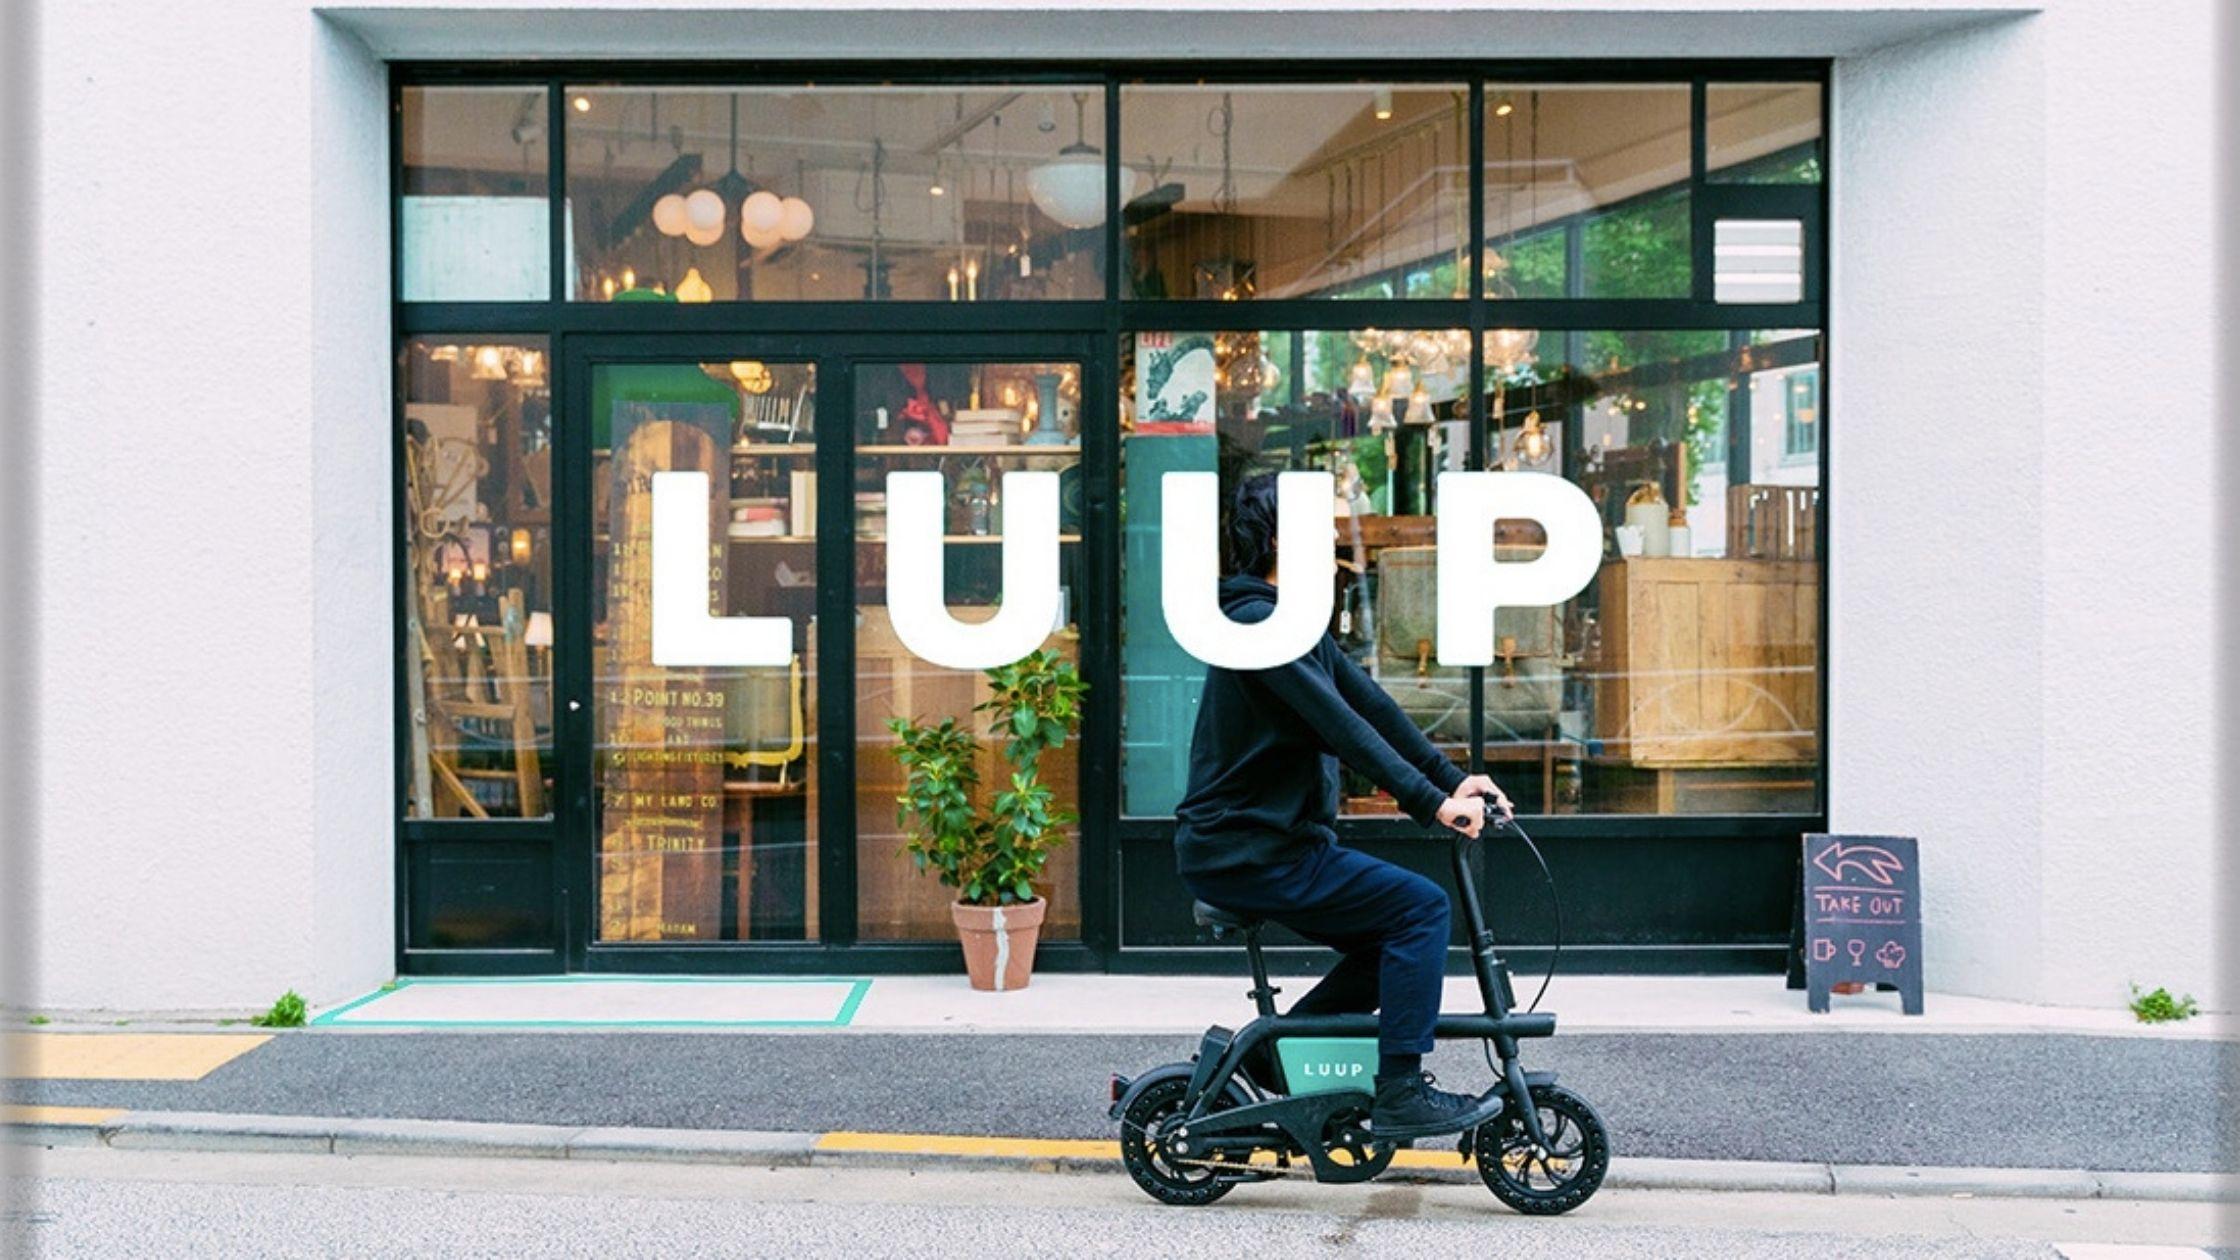 【完全ガイド】LUUP電動キックボードシェアの料金や使い方、設置場所